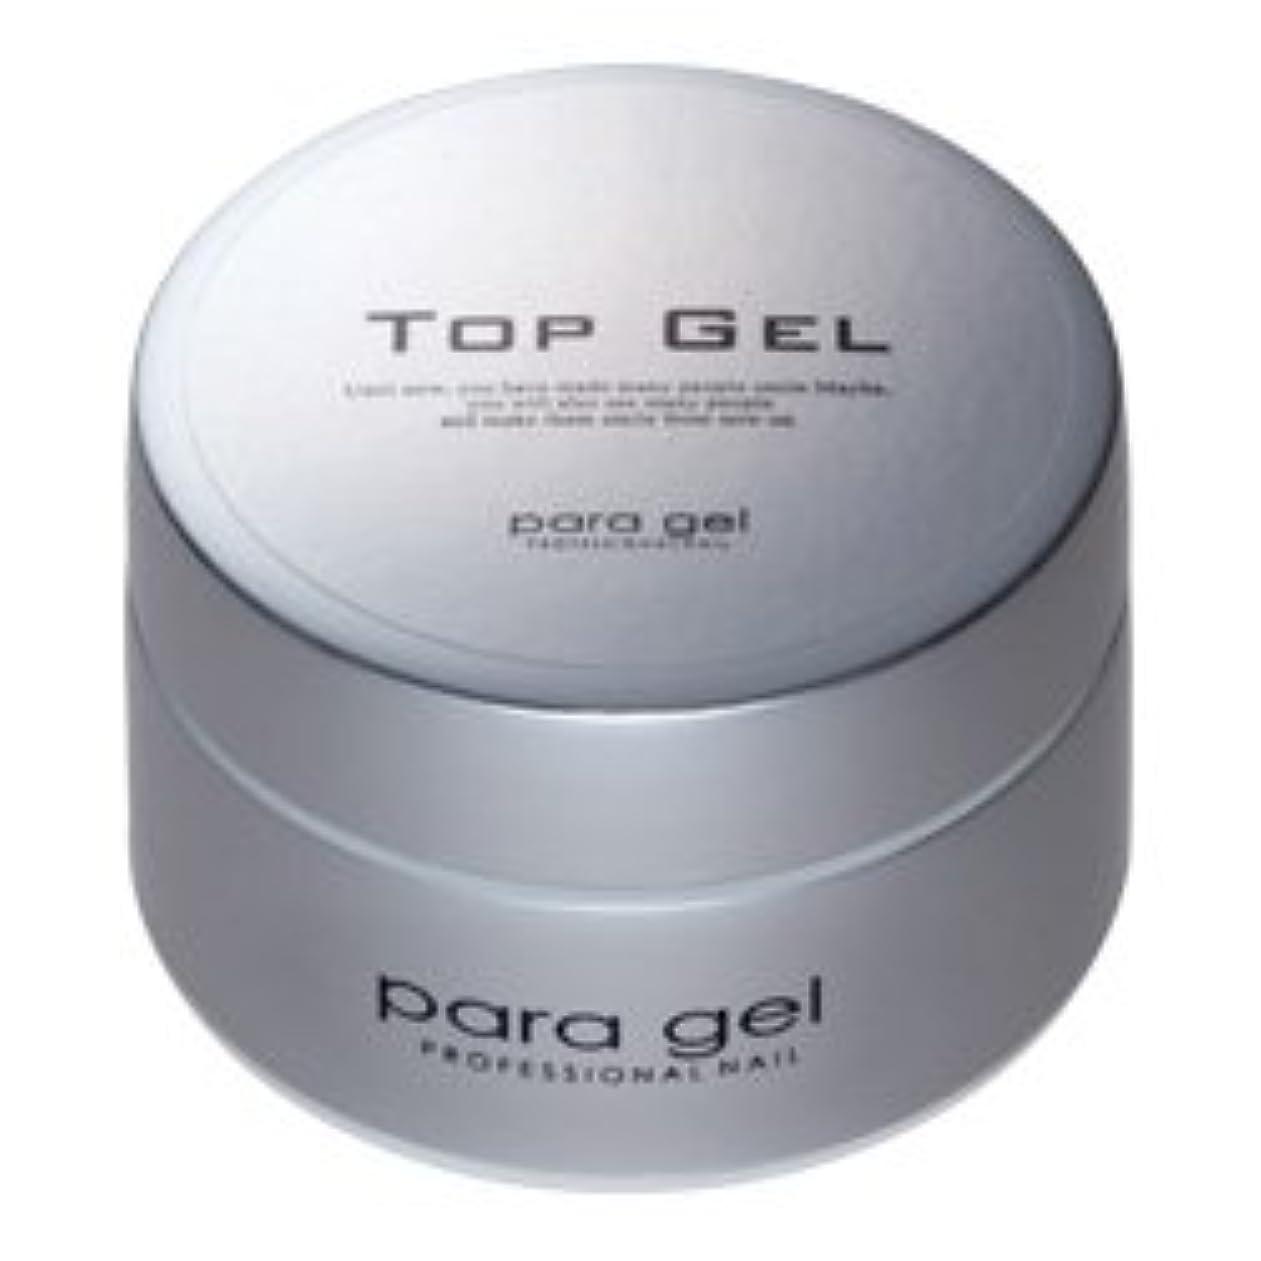 精巧な輝く分析する★para gel(パラジェル) <BR>トップジェル 10g